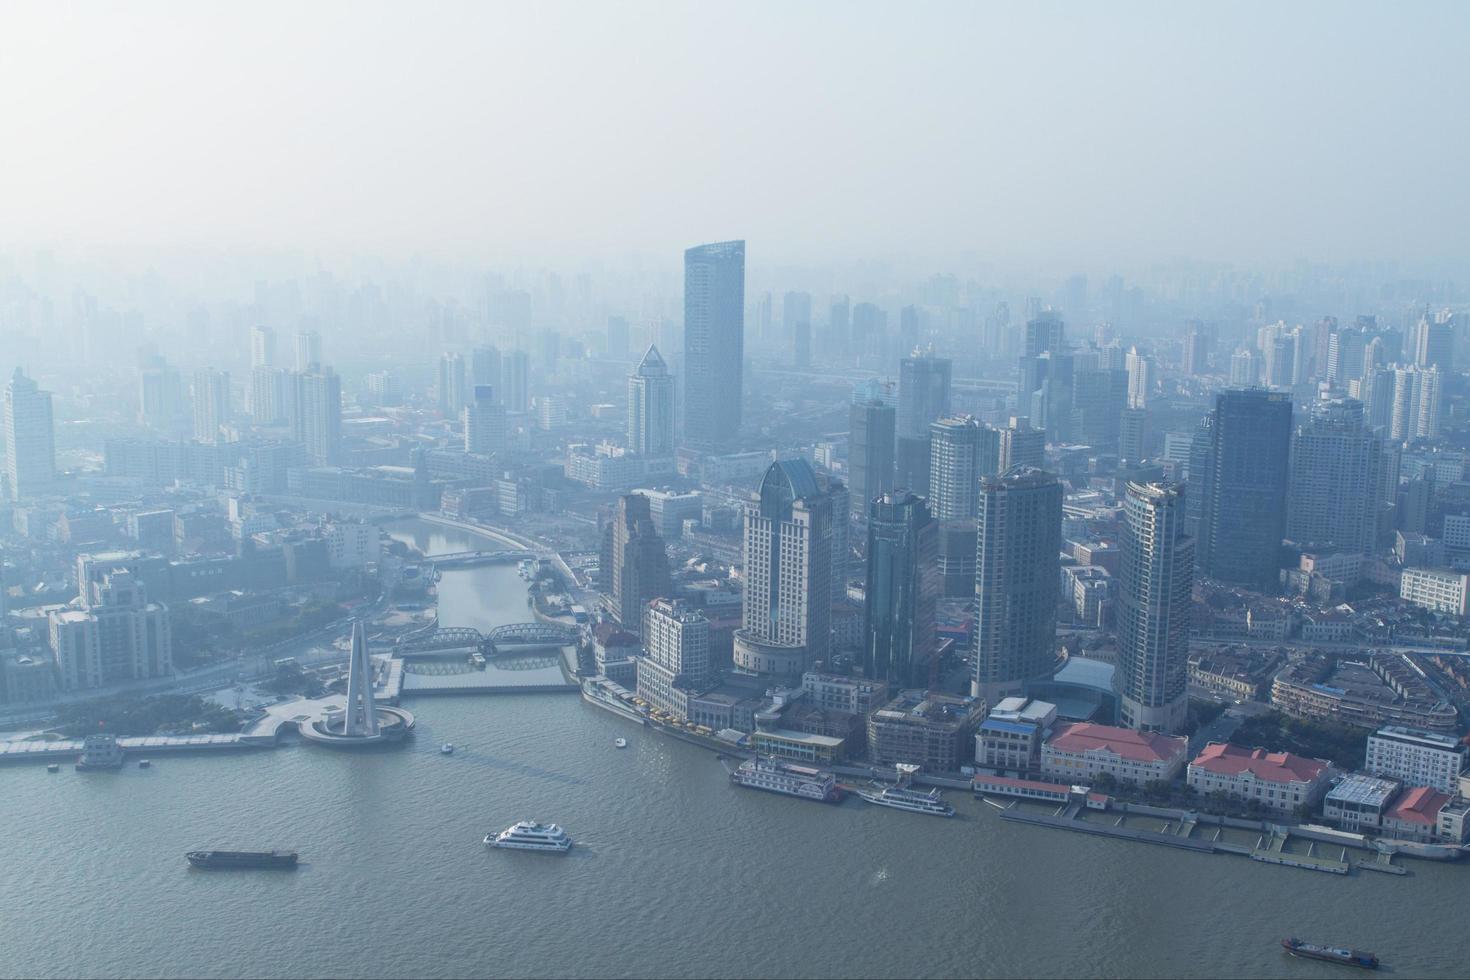 shanghai, cina, 2020 - veduta aerea degli edifici della città foto